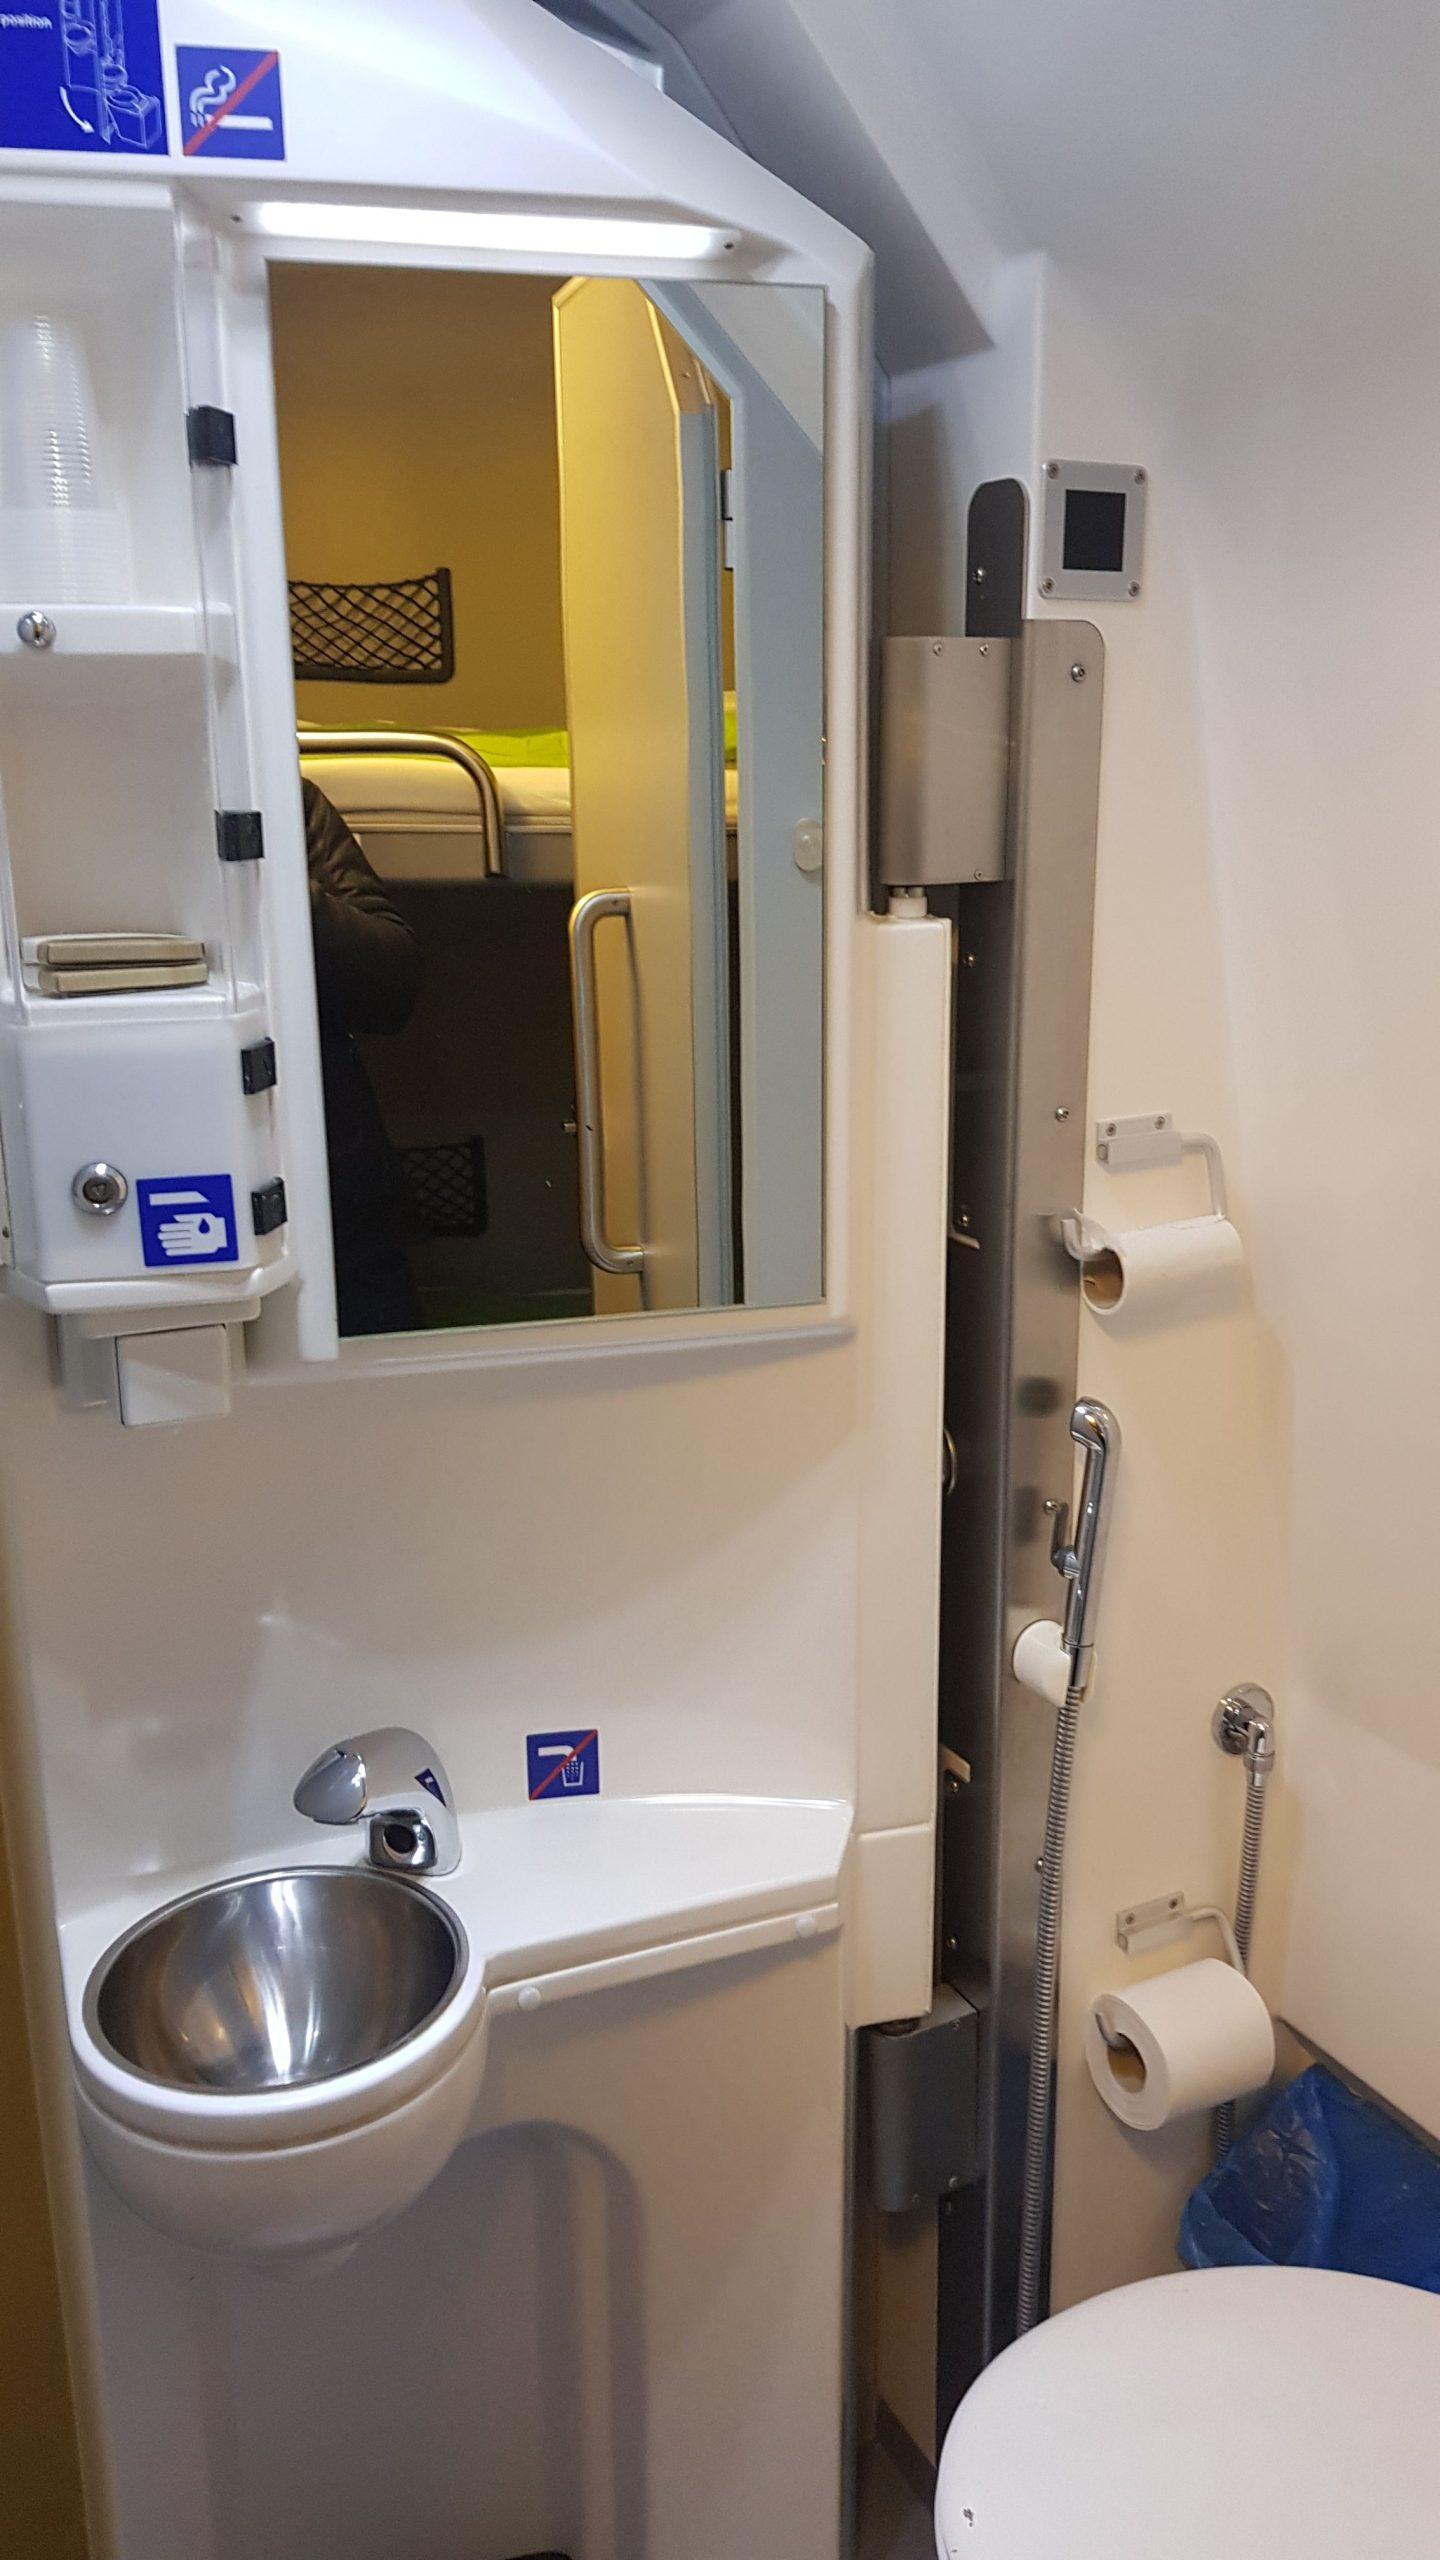 Cuarto de baño individual del tren santa claus express con su espejo,lavabo y váter.